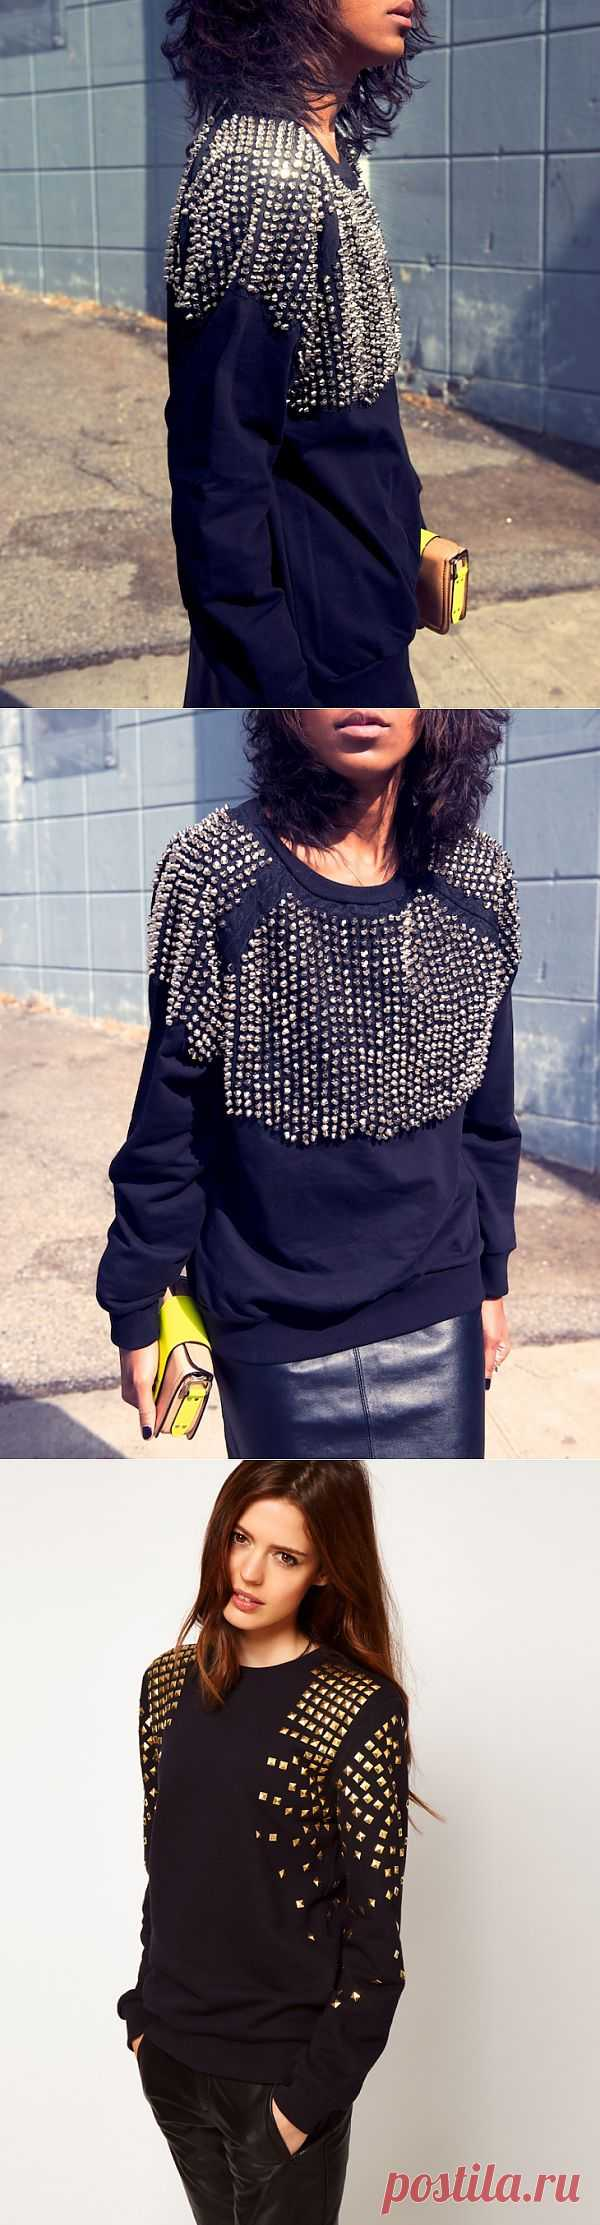 Шипы, заклепки, бусины (подборка) / Свитер / Модный сайт о стильной переделке одежды и интерьера